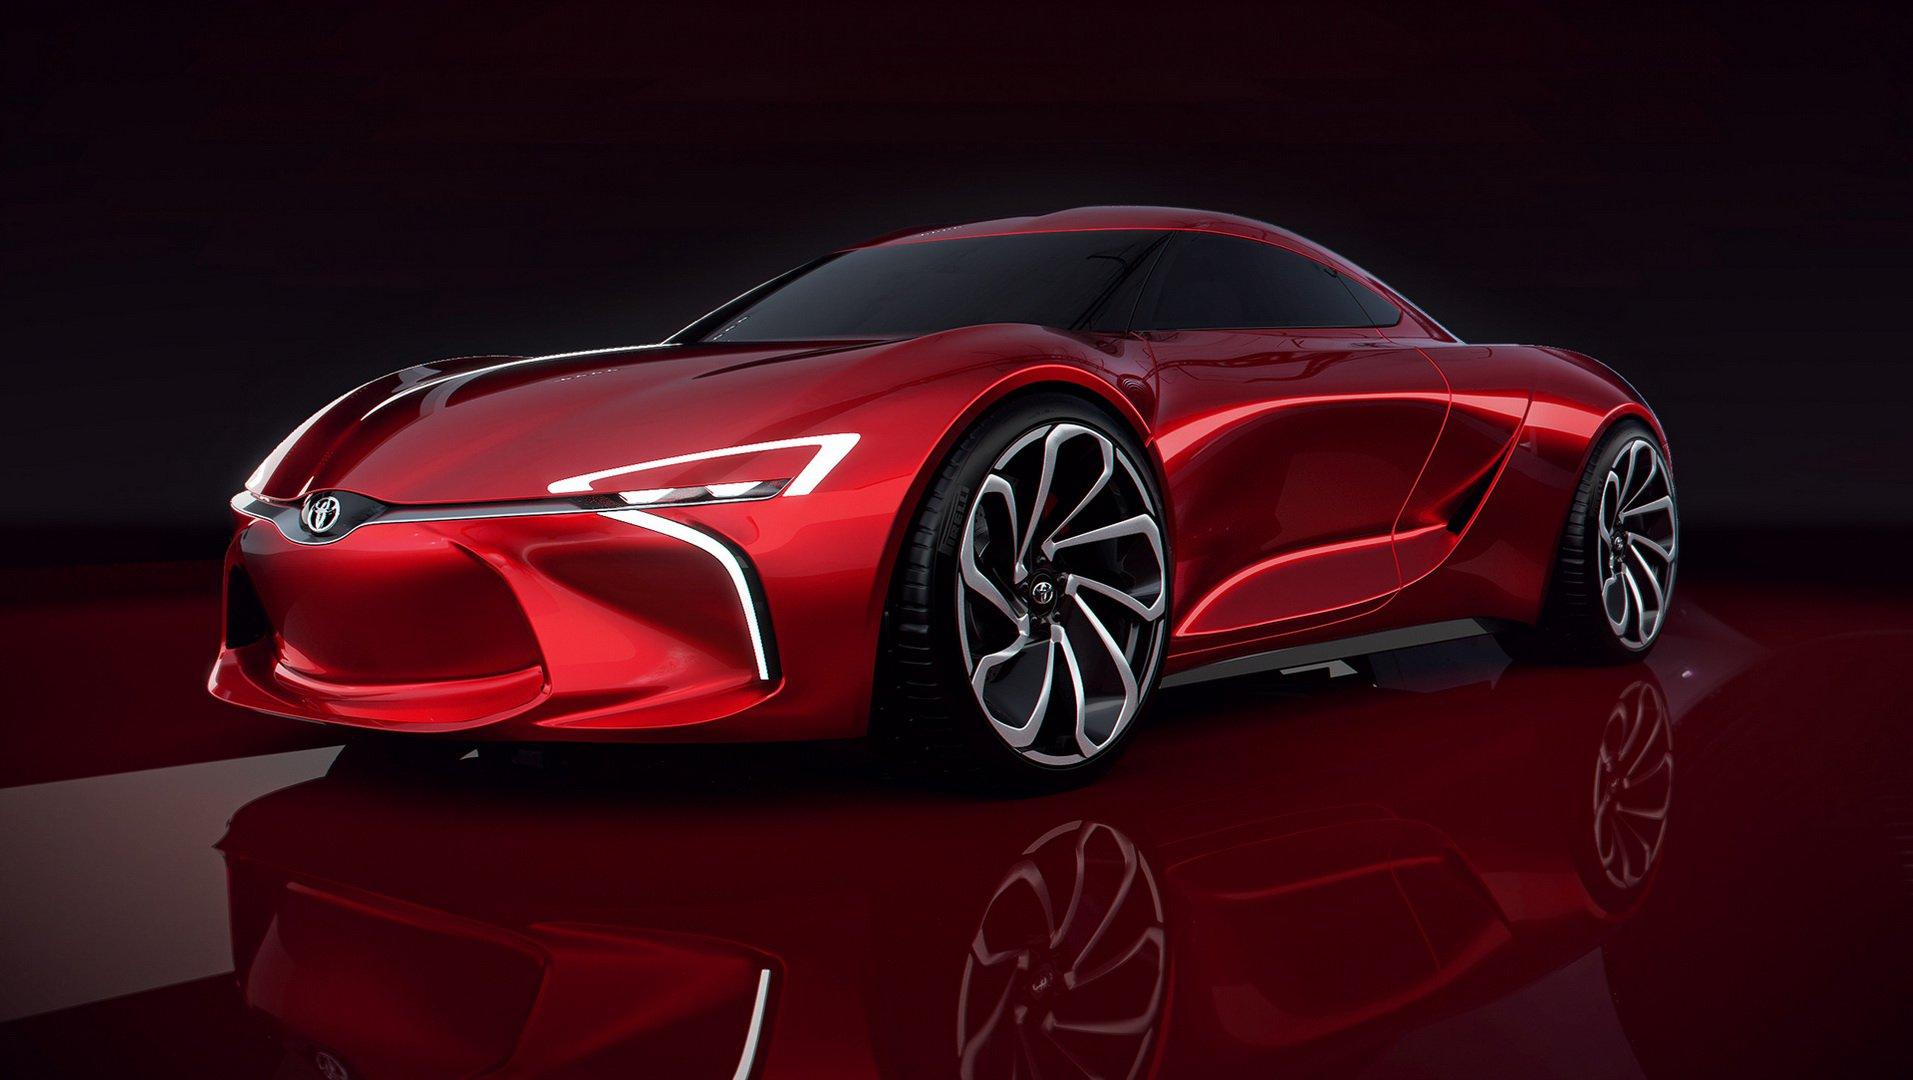 トヨタ新型「MR2」は「ポルシェ」と共同開発?その可能性を考えてみた件!